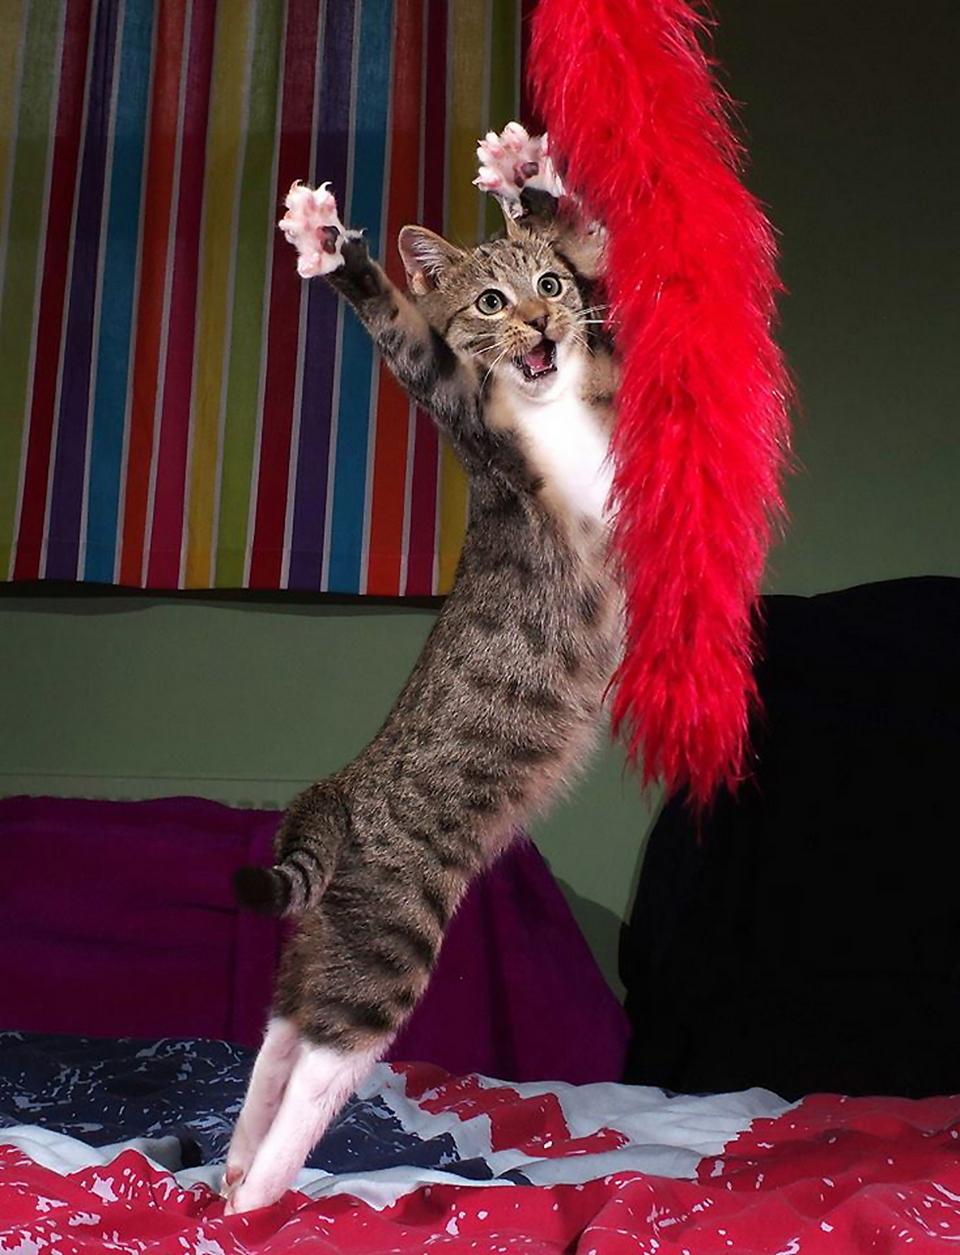 Финалисты фотоконкурса домашних животных Comedy Pet Photography Awards 2020